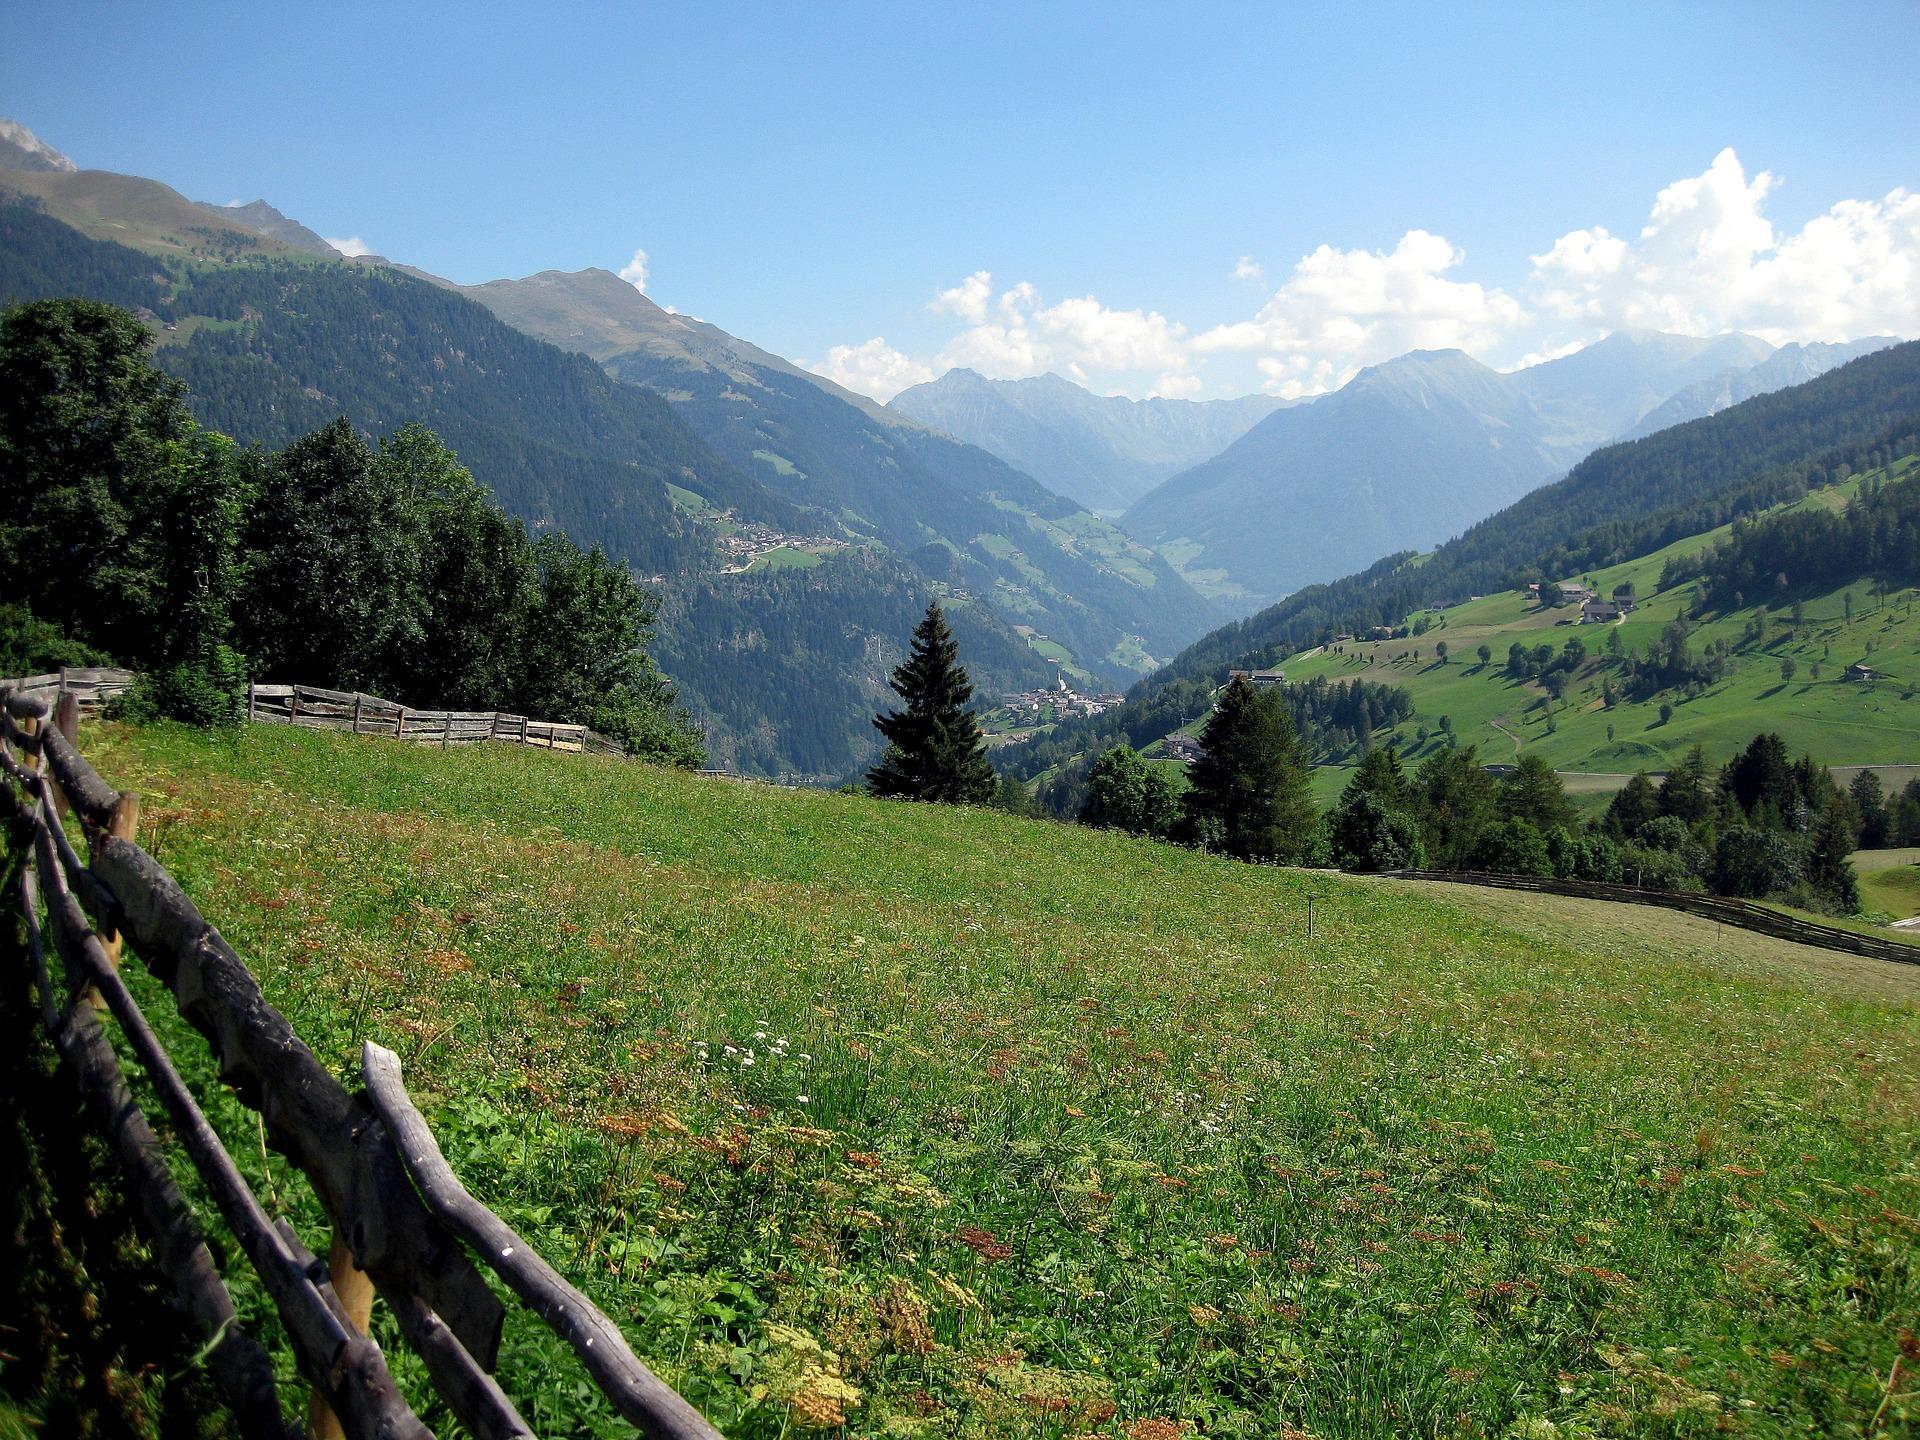 Alpiner Seitenwechsel: Frühling in Südtirol